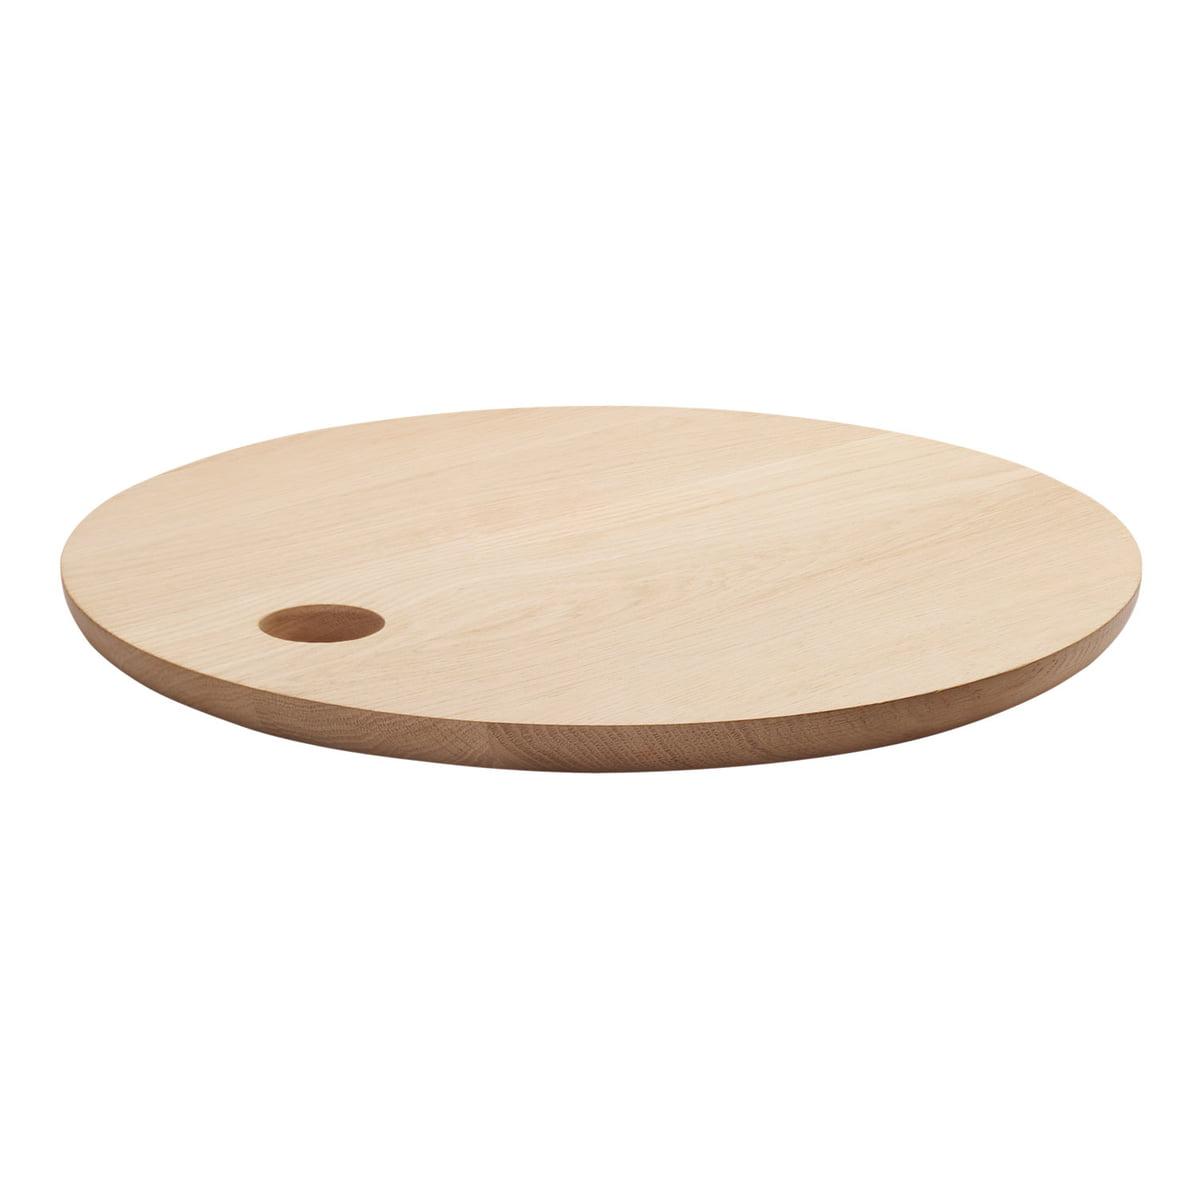 e15 ac07 cut chopping board 45 cm in natural oak